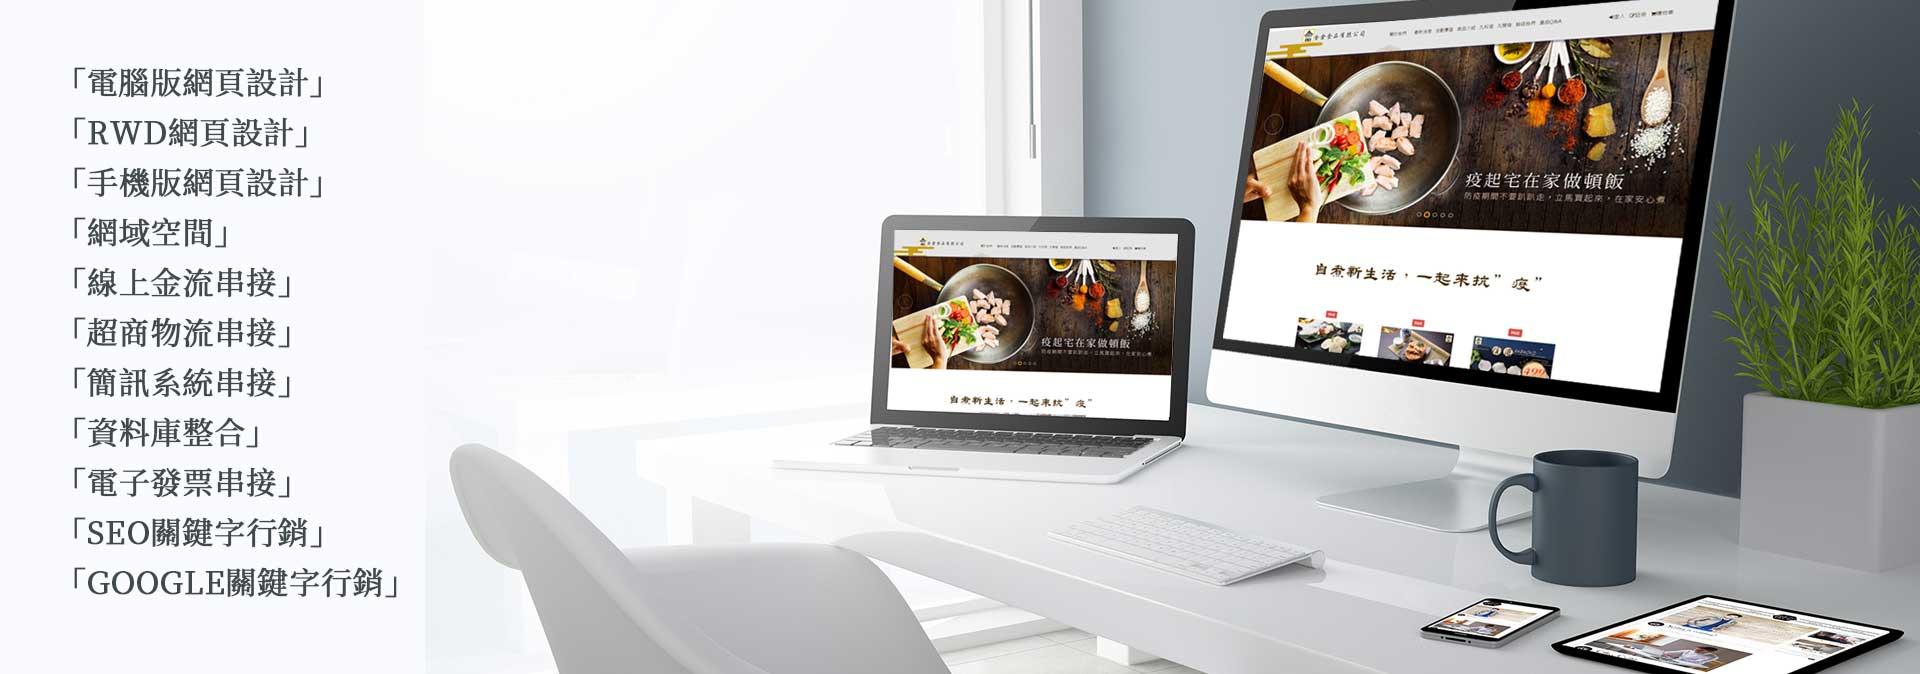 客製化網頁設計